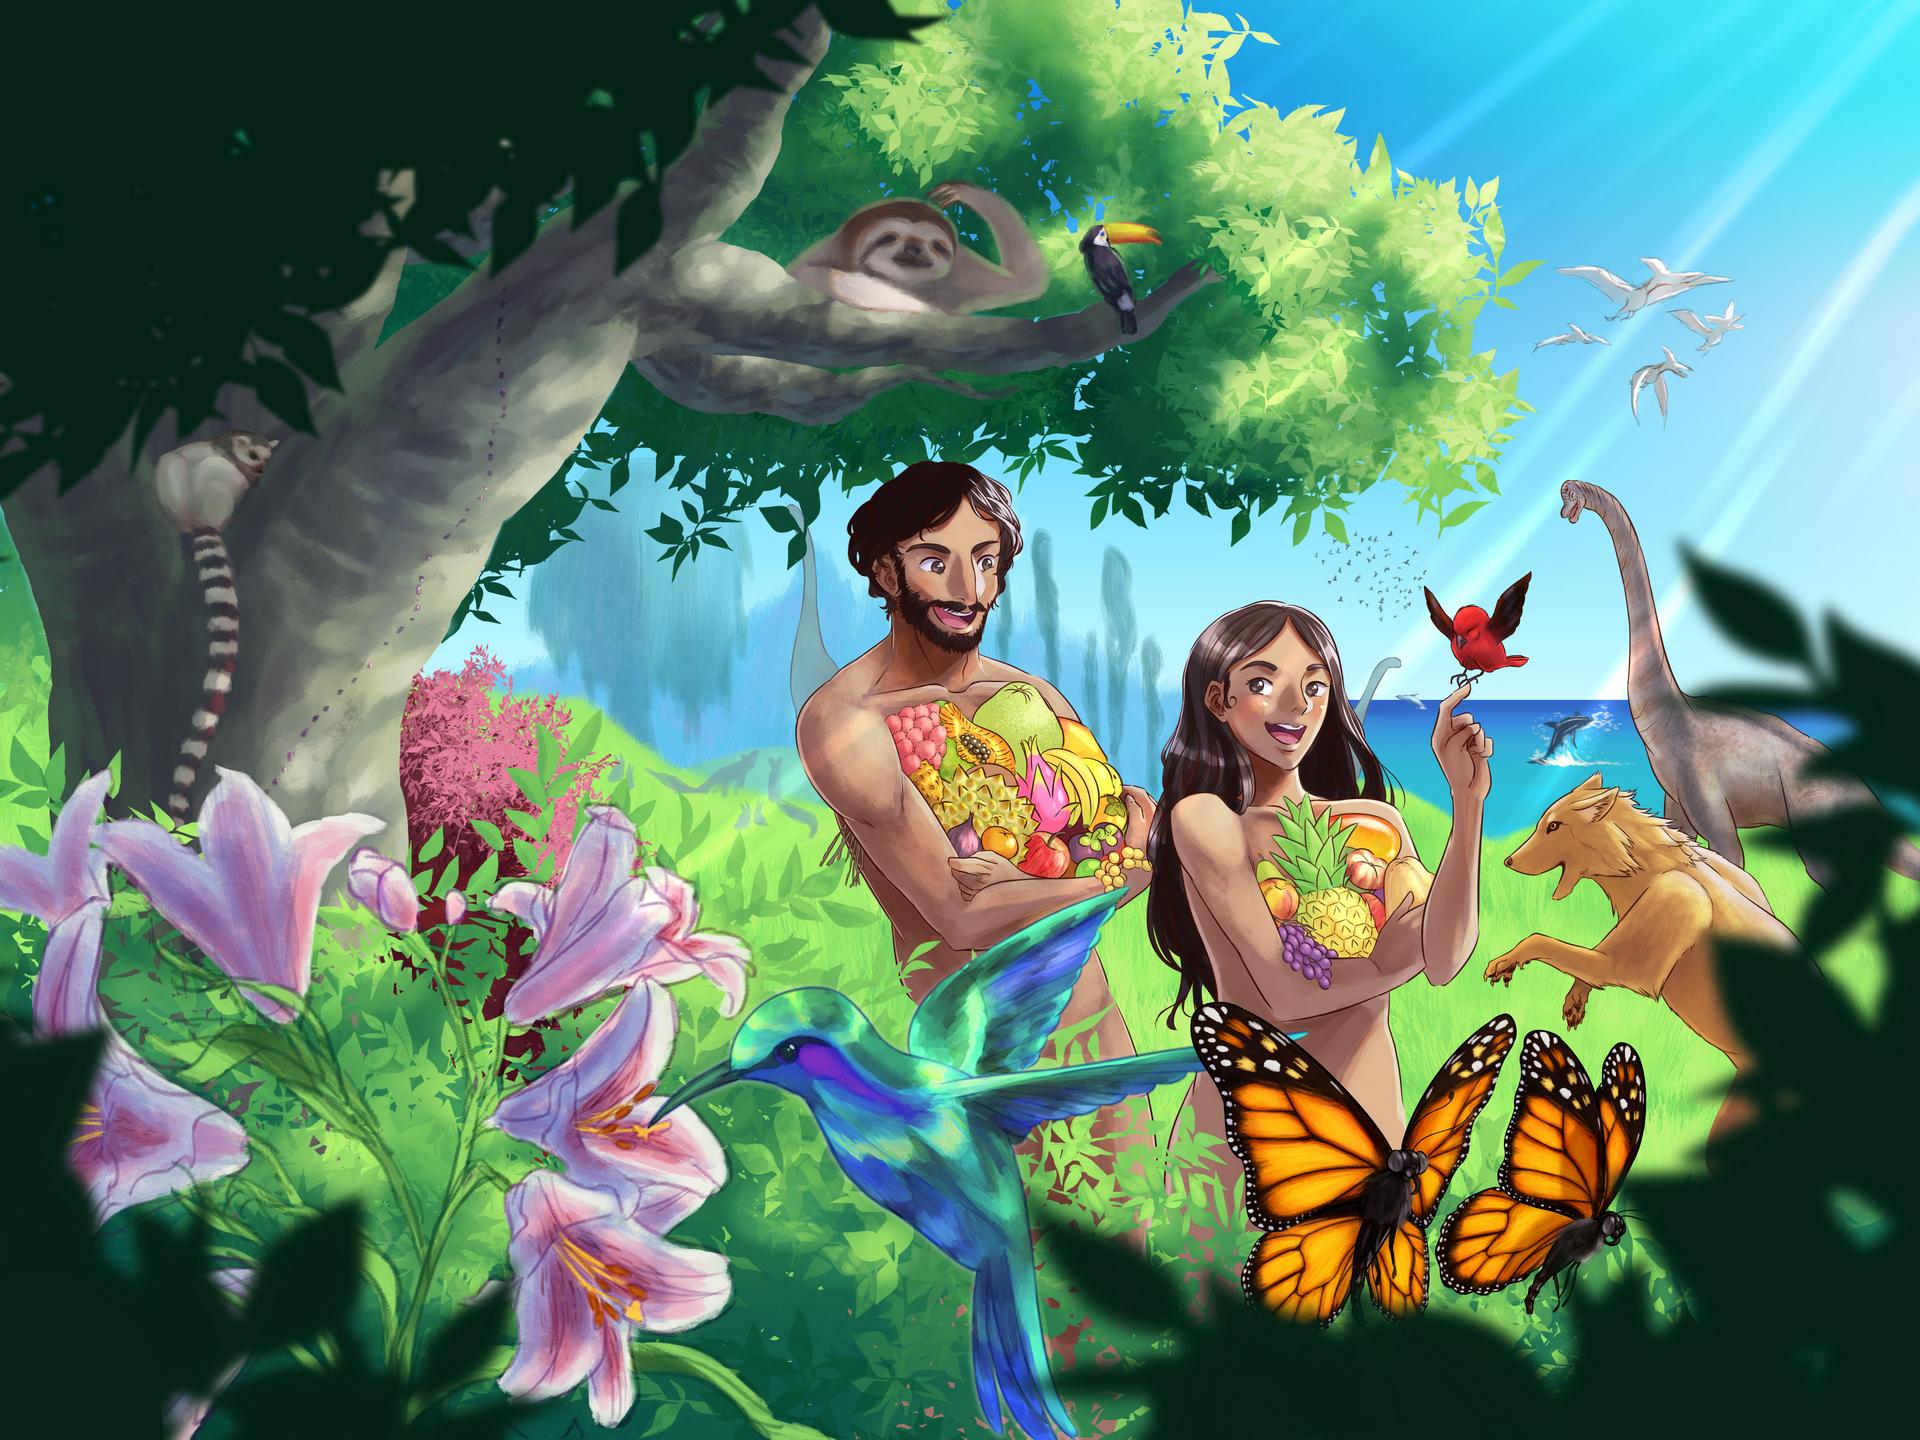 Adam og Eva i Edens hage - Illustrasjon: Johannes Nunpau Engøy